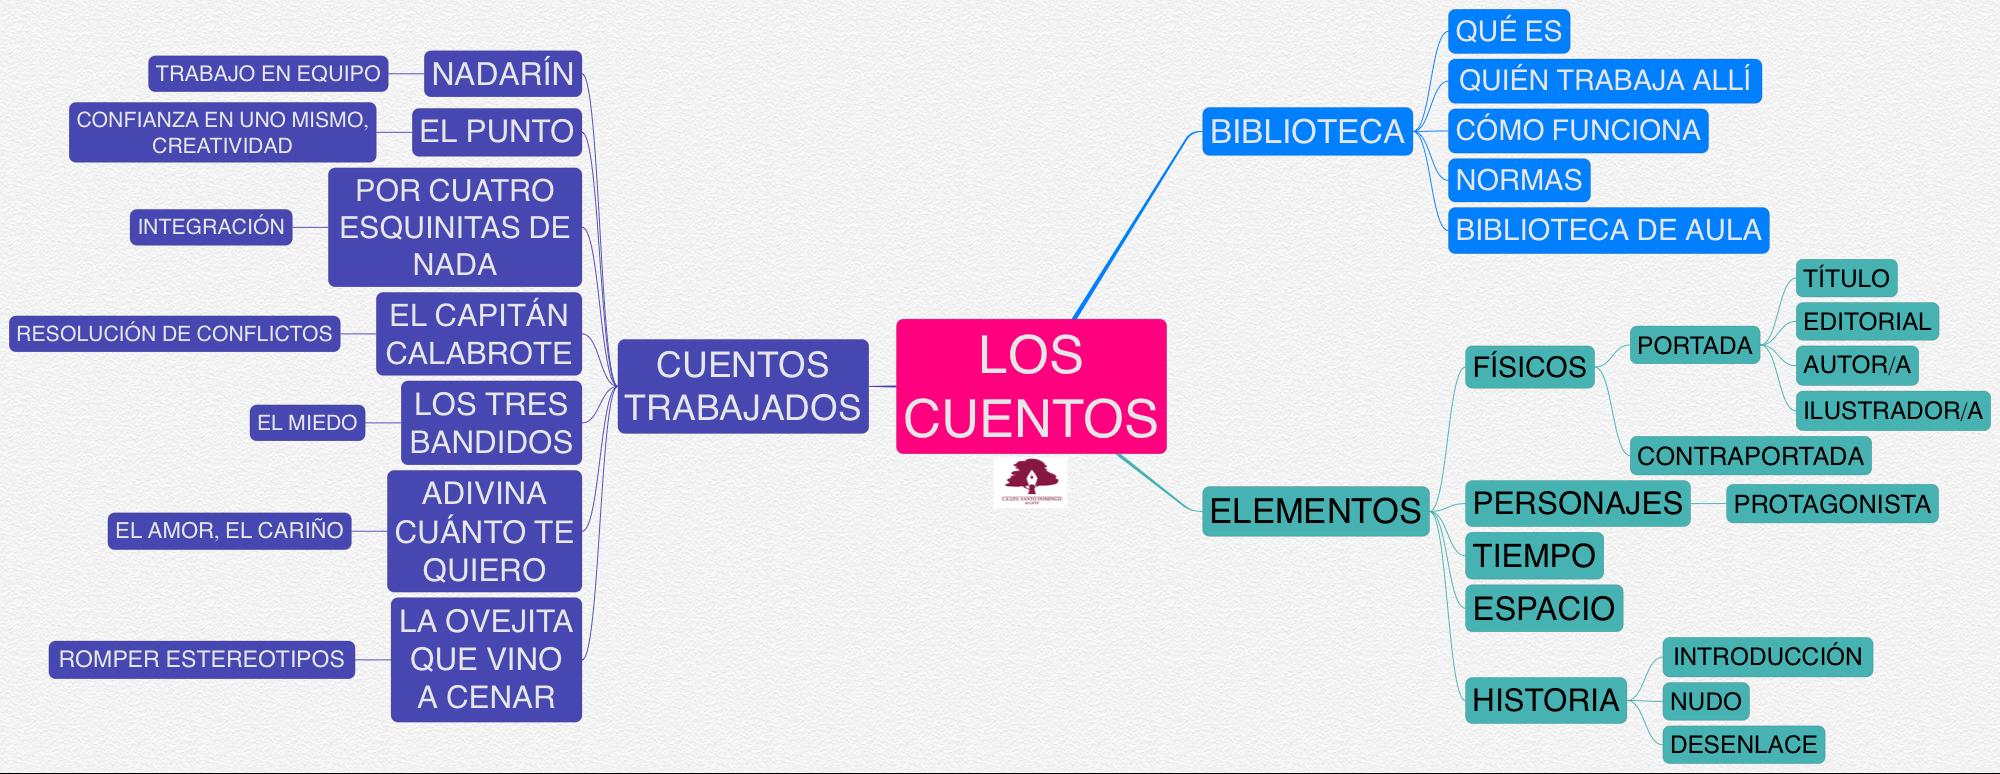 PROYECTO LOS CUENTOS_04_2